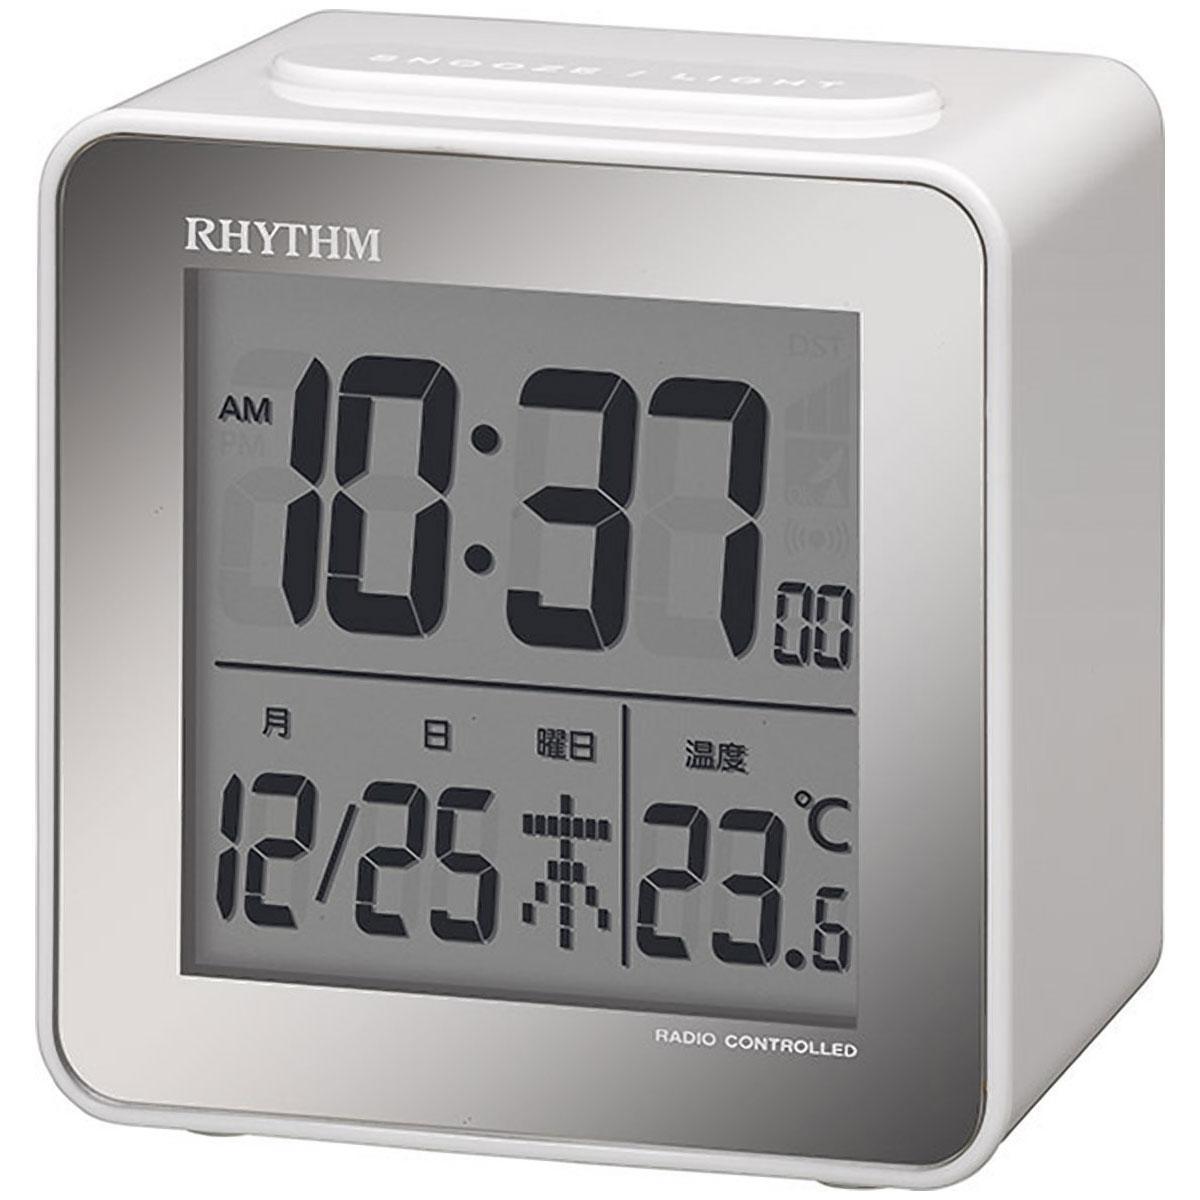 リズム デジタル時計 フィットウェーブD158 8RZ158SR